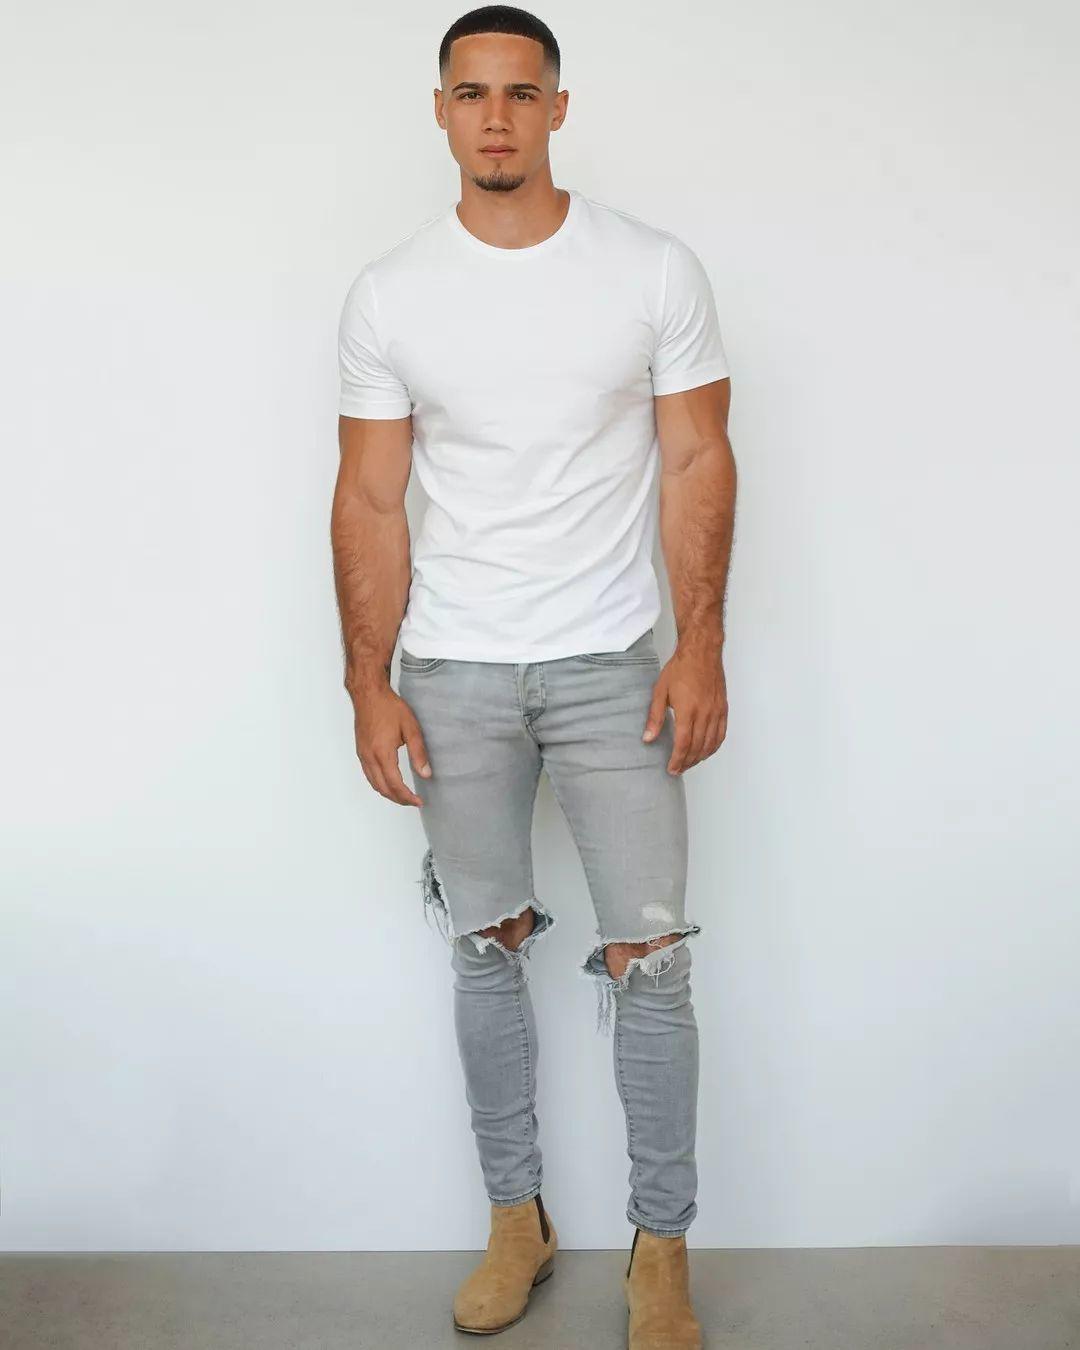 超模尼尼的迷弟男模走红时尚圈,长得居然也有几分相似!